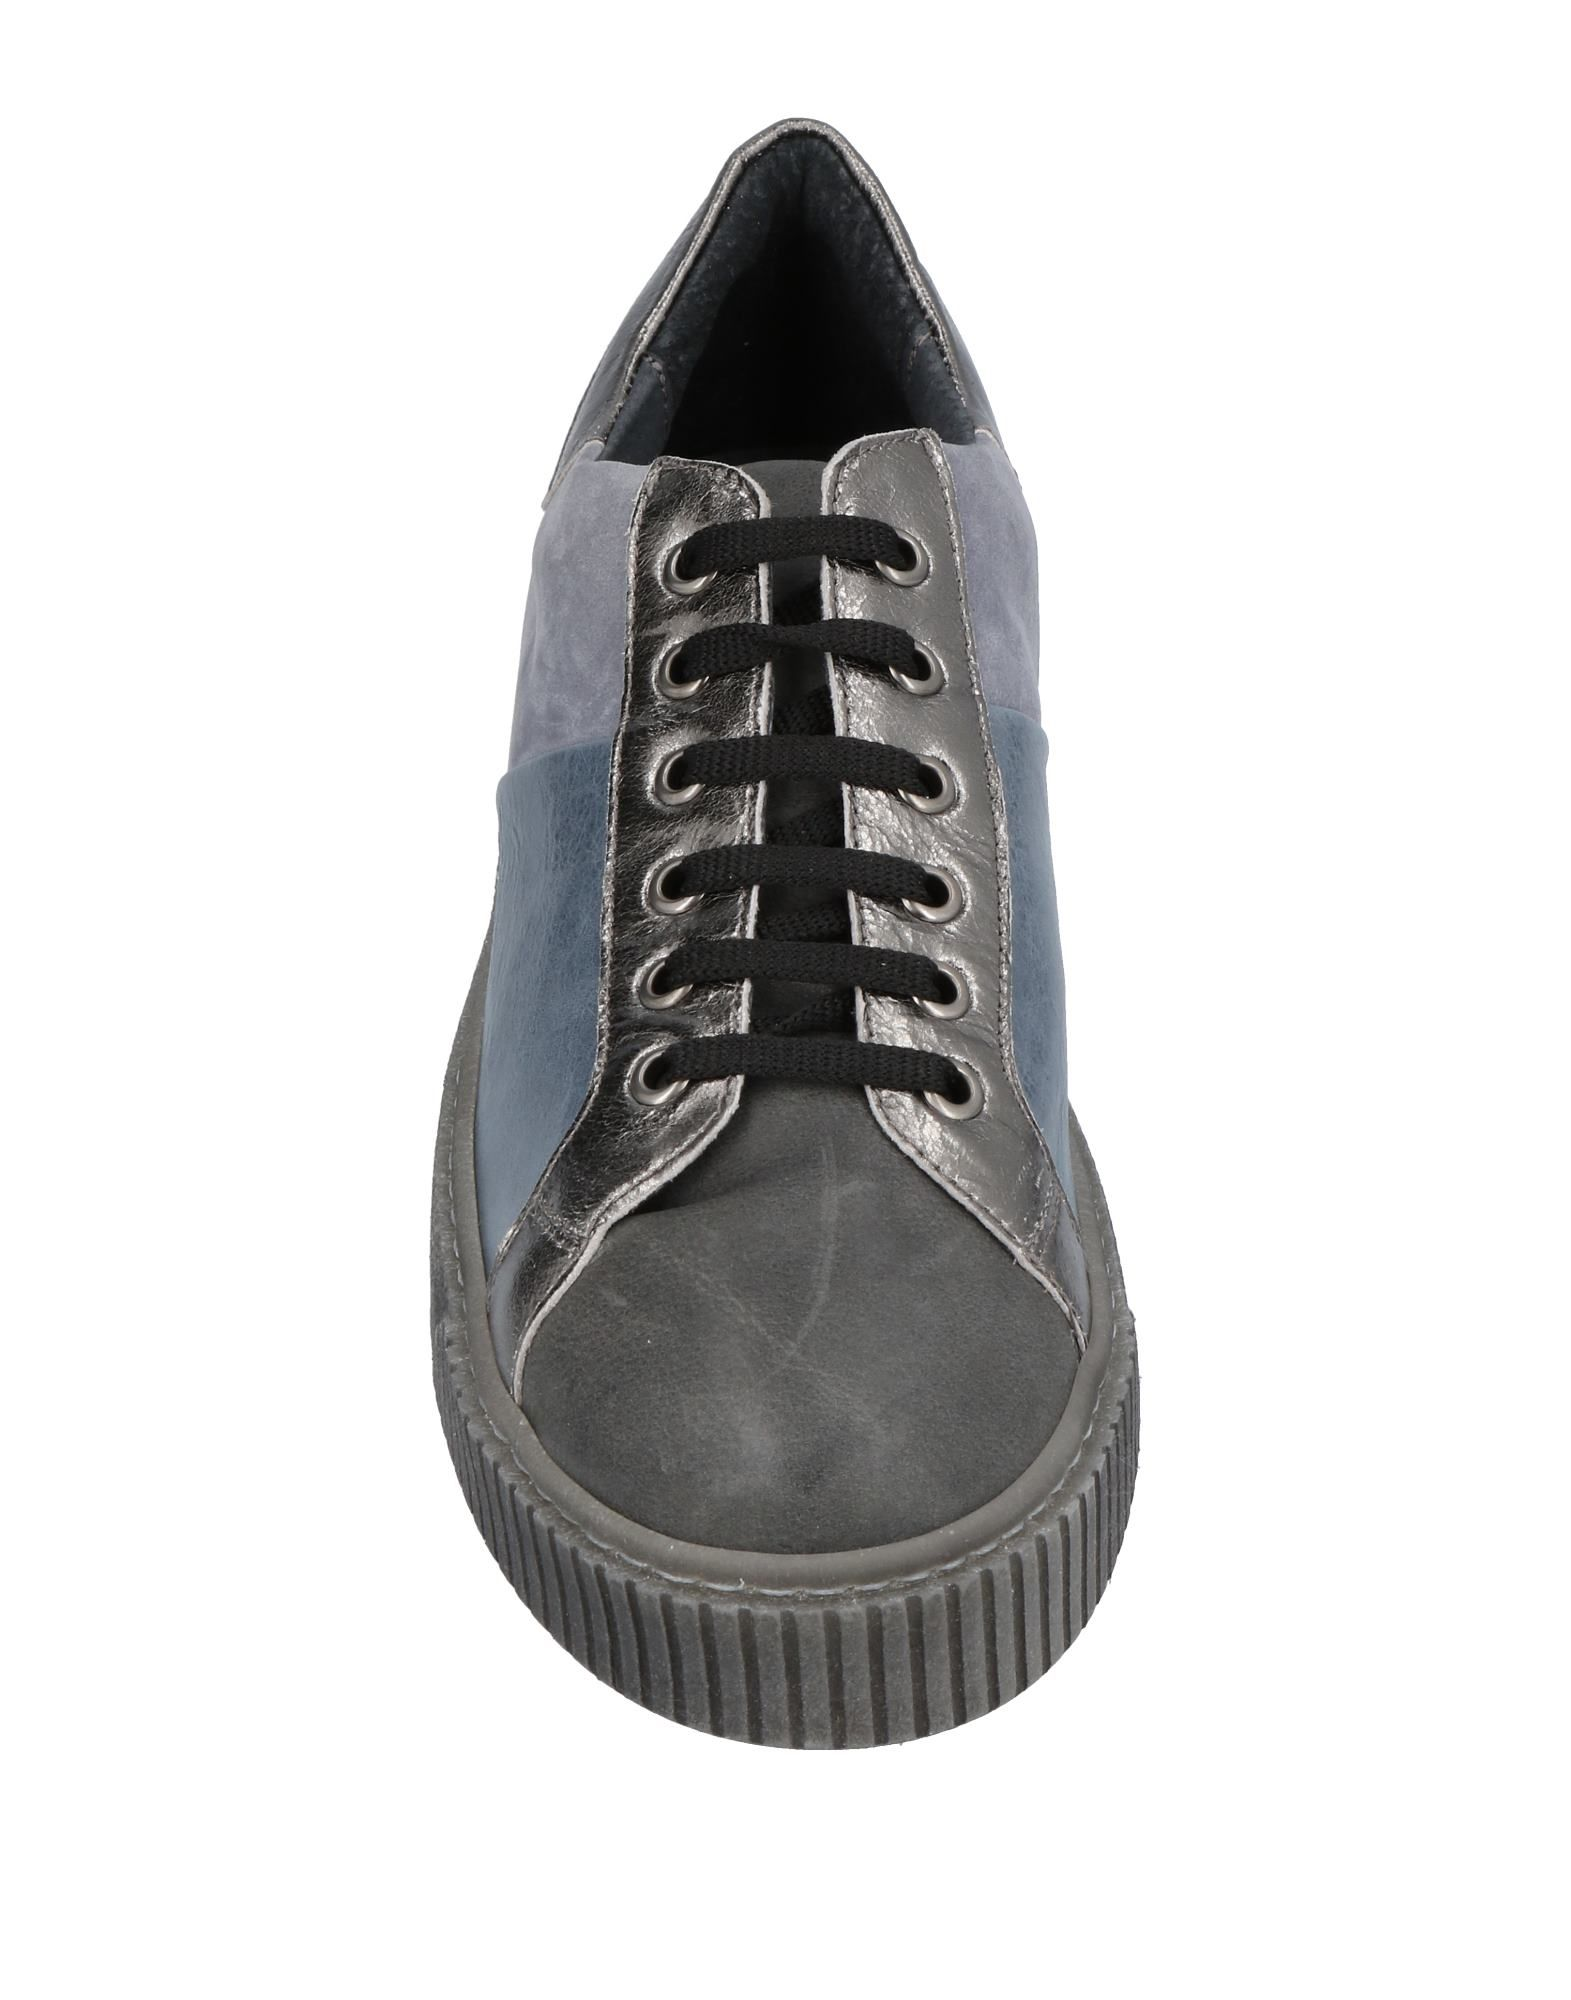 Tsd12 Gute Sneakers Damen  11453826LH Gute Tsd12 Qualität beliebte Schuhe e7db8d